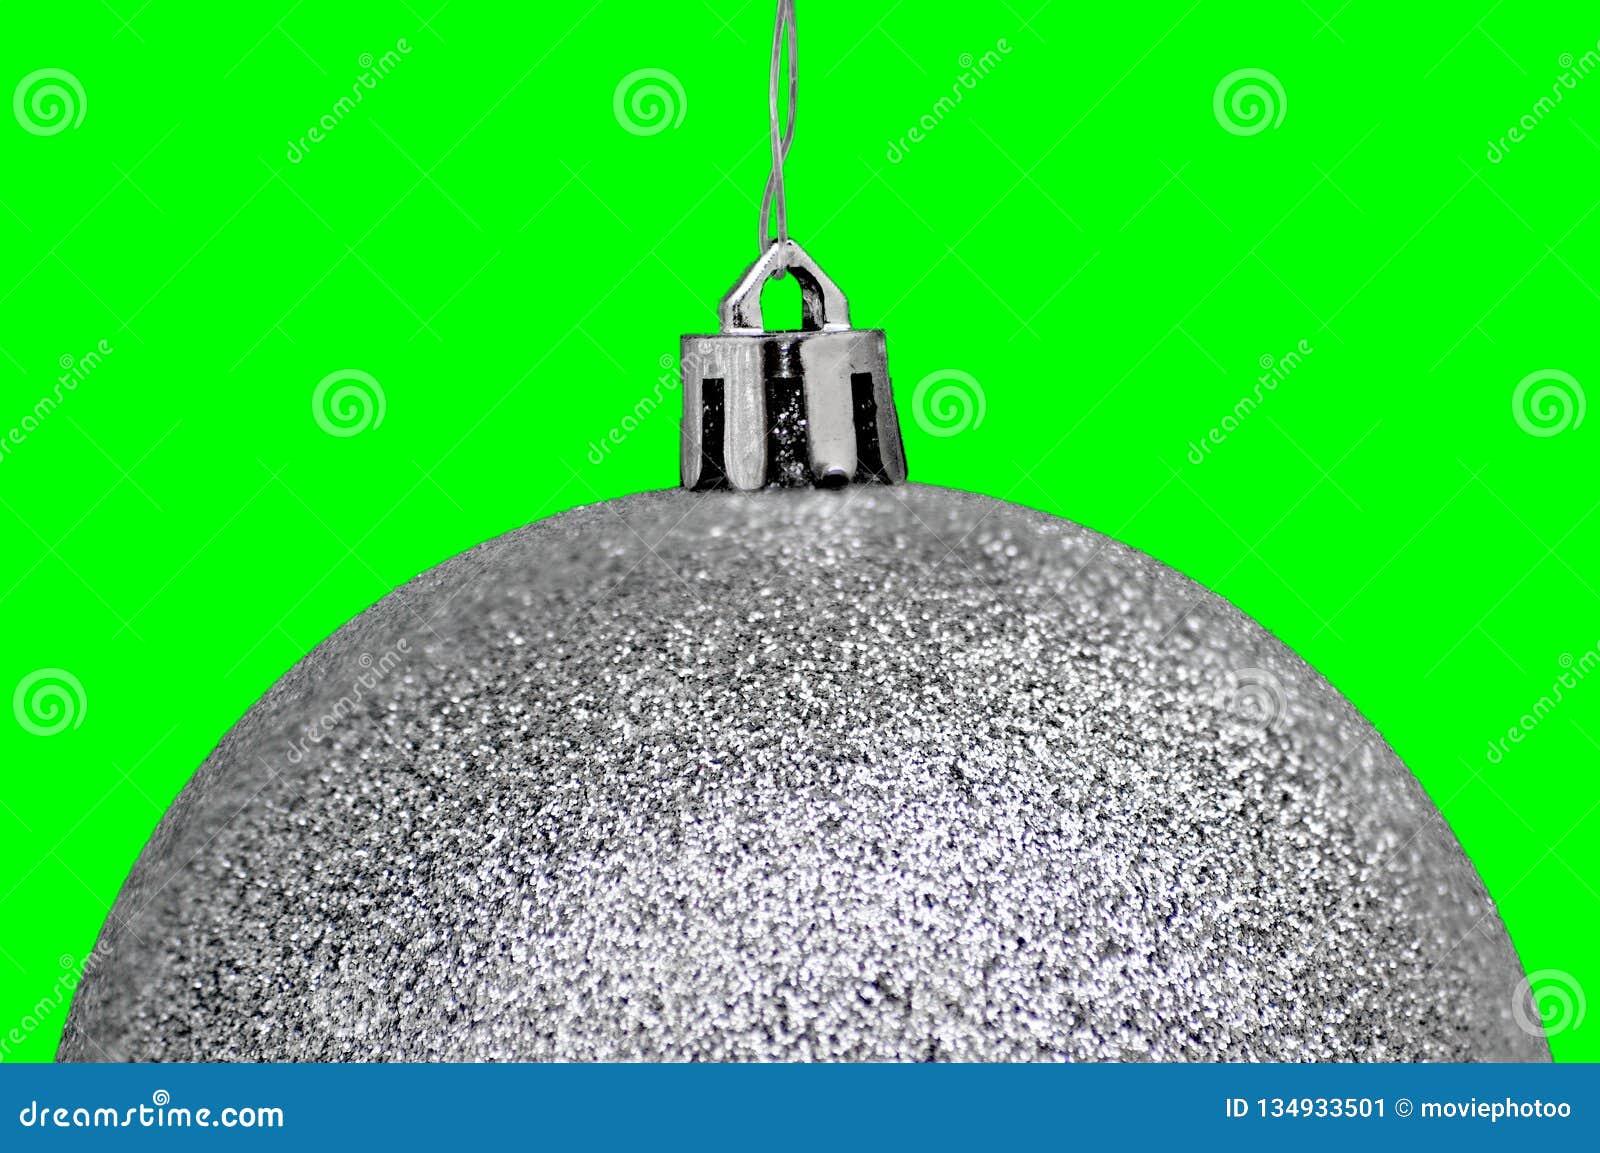 Kerstmis & Nieuwjaar zilveren kristallen bollen tegen groene achtergrond